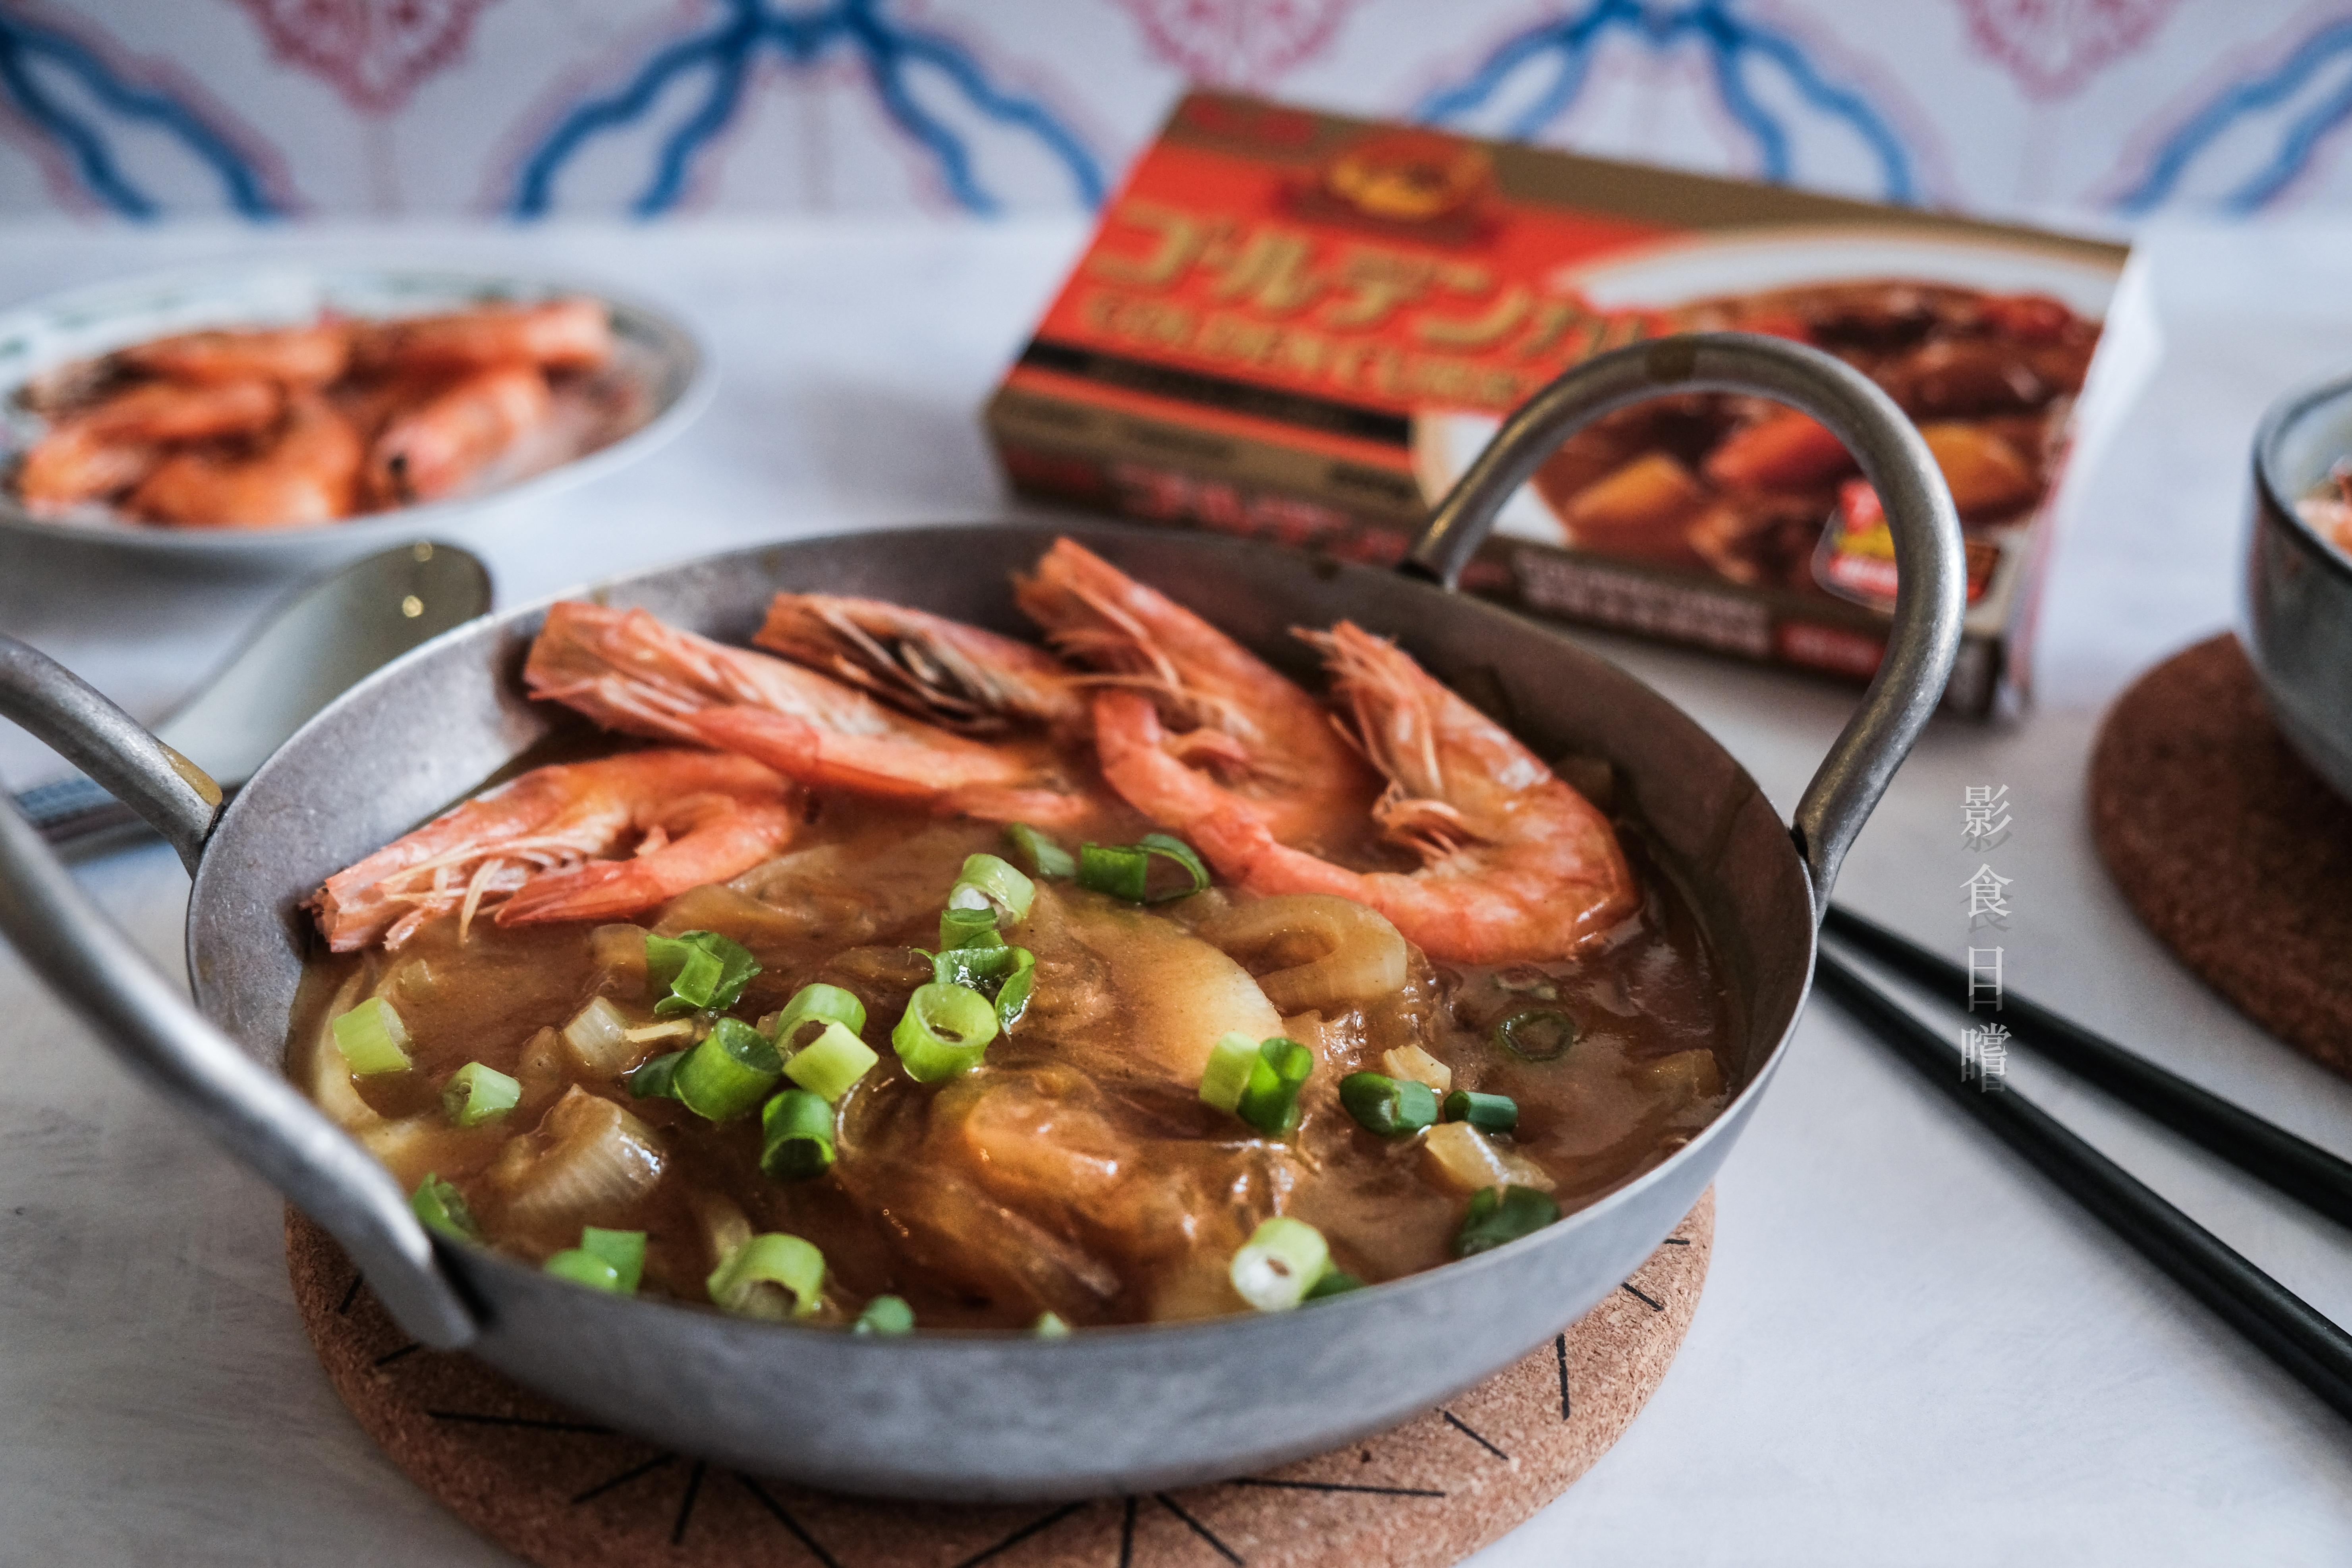 讓美味咖哩融入你的家常料理 - S&B金牌咖哩塊的第 17 張圖片